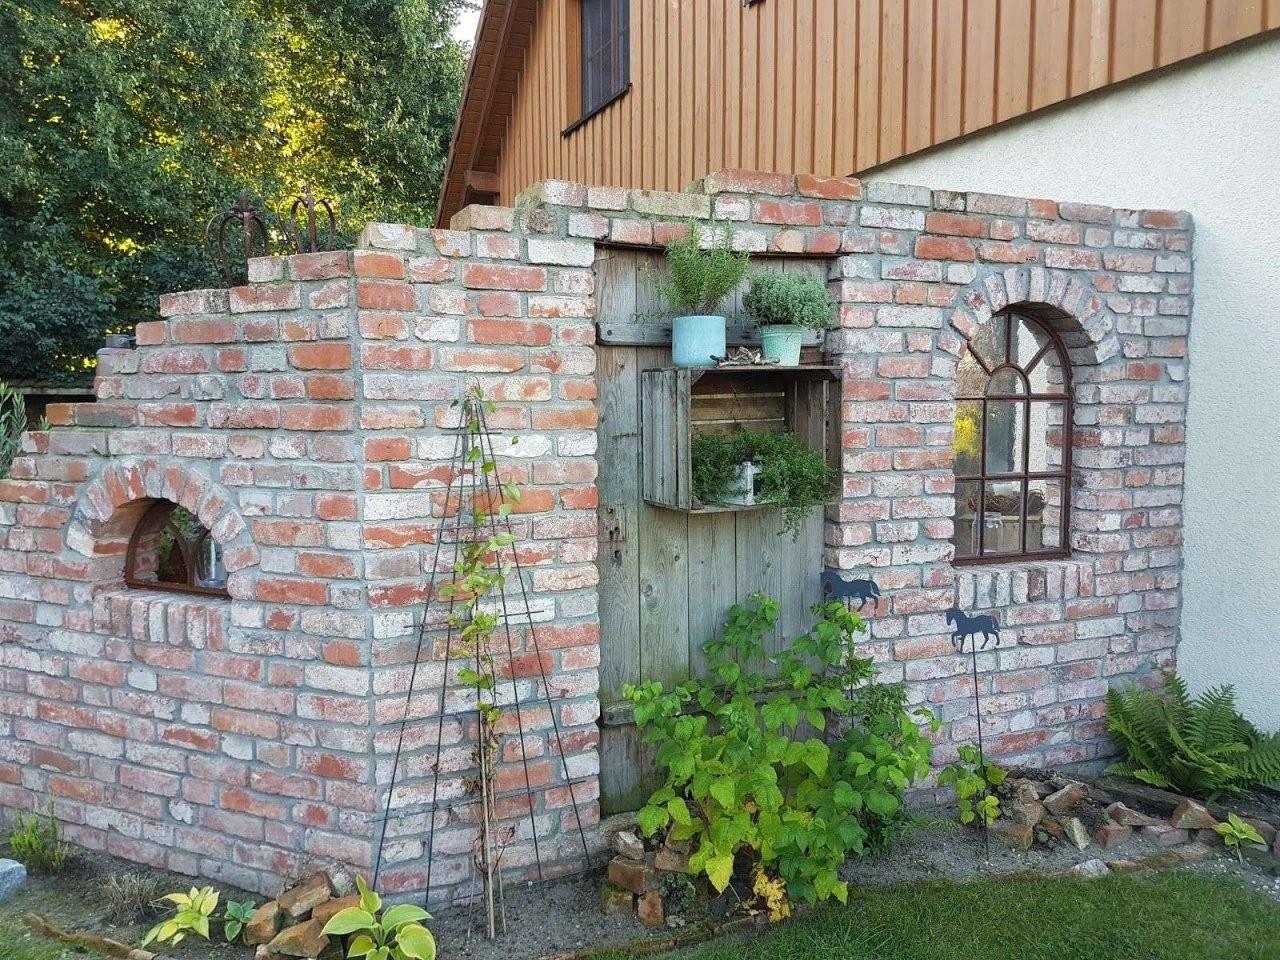 Das Beste Von Ruine Im Garten Selber Bauen Design Von Steinmauer von Steinmauern Im Garten Selber Bauen Photo